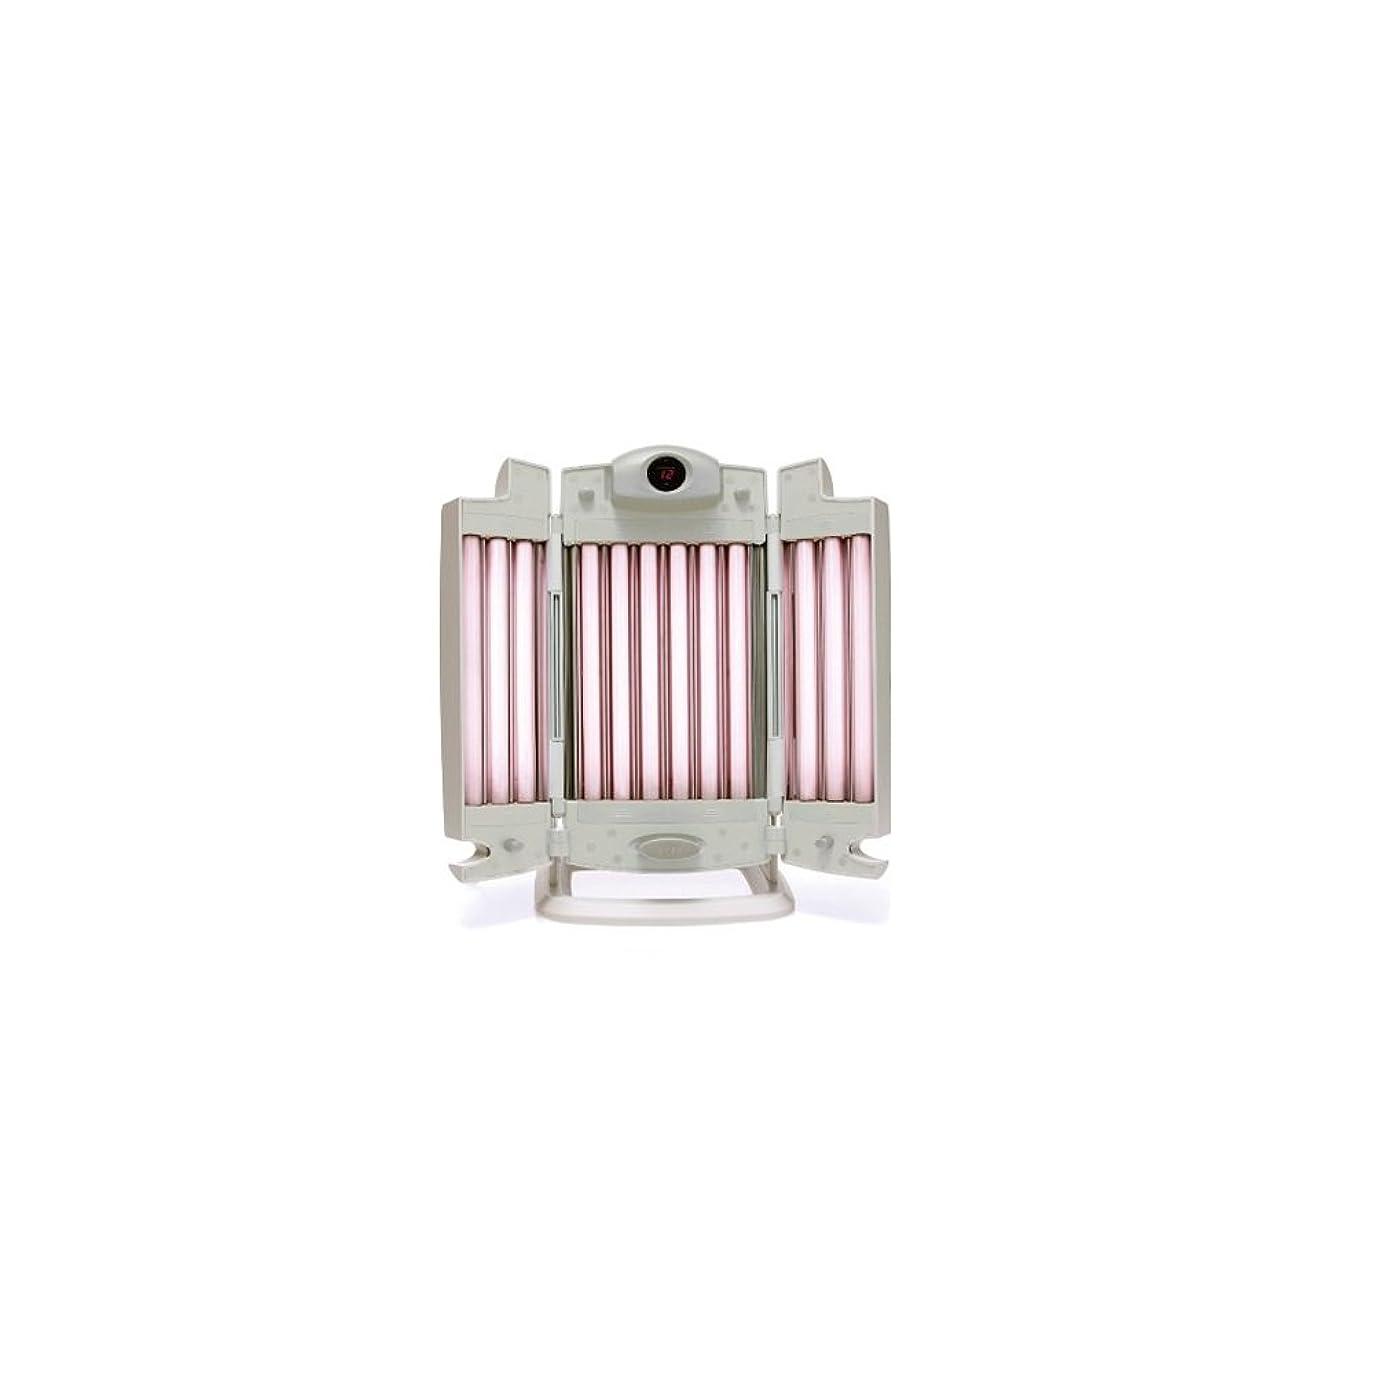 ぶどうプランテーション突き刺すBaby's Colla Beauty Light Type FACIAL(ベビーズコラ ビューティーライト フェイシャルタイプ)